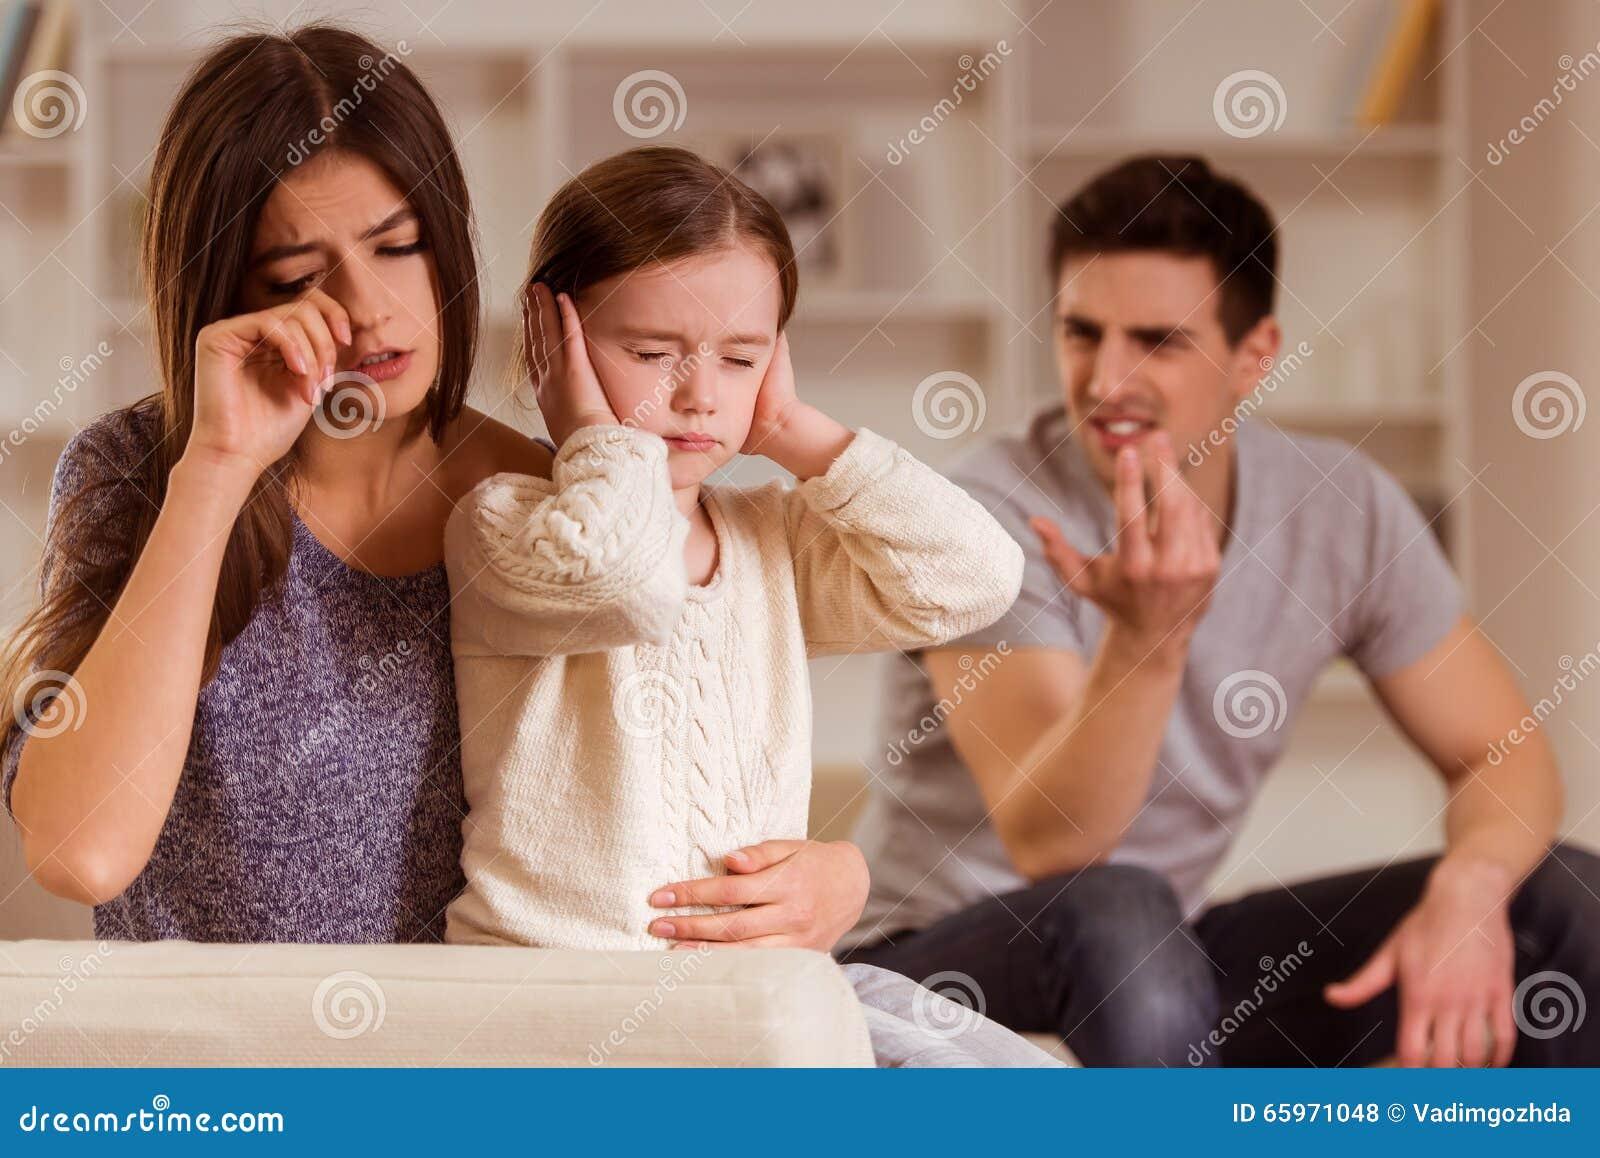 Ruzies tussen ouders